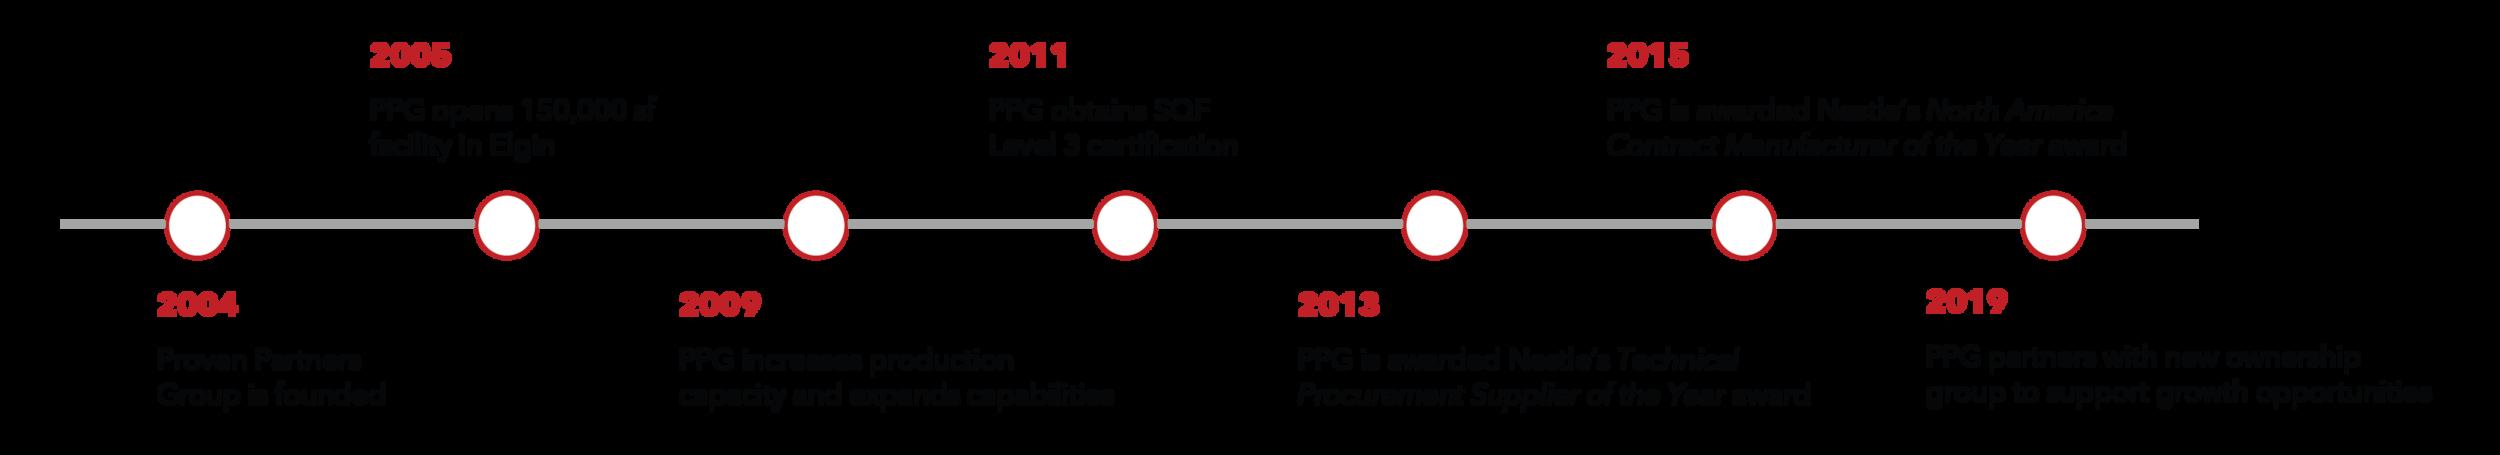 PPG Timeline-01.png